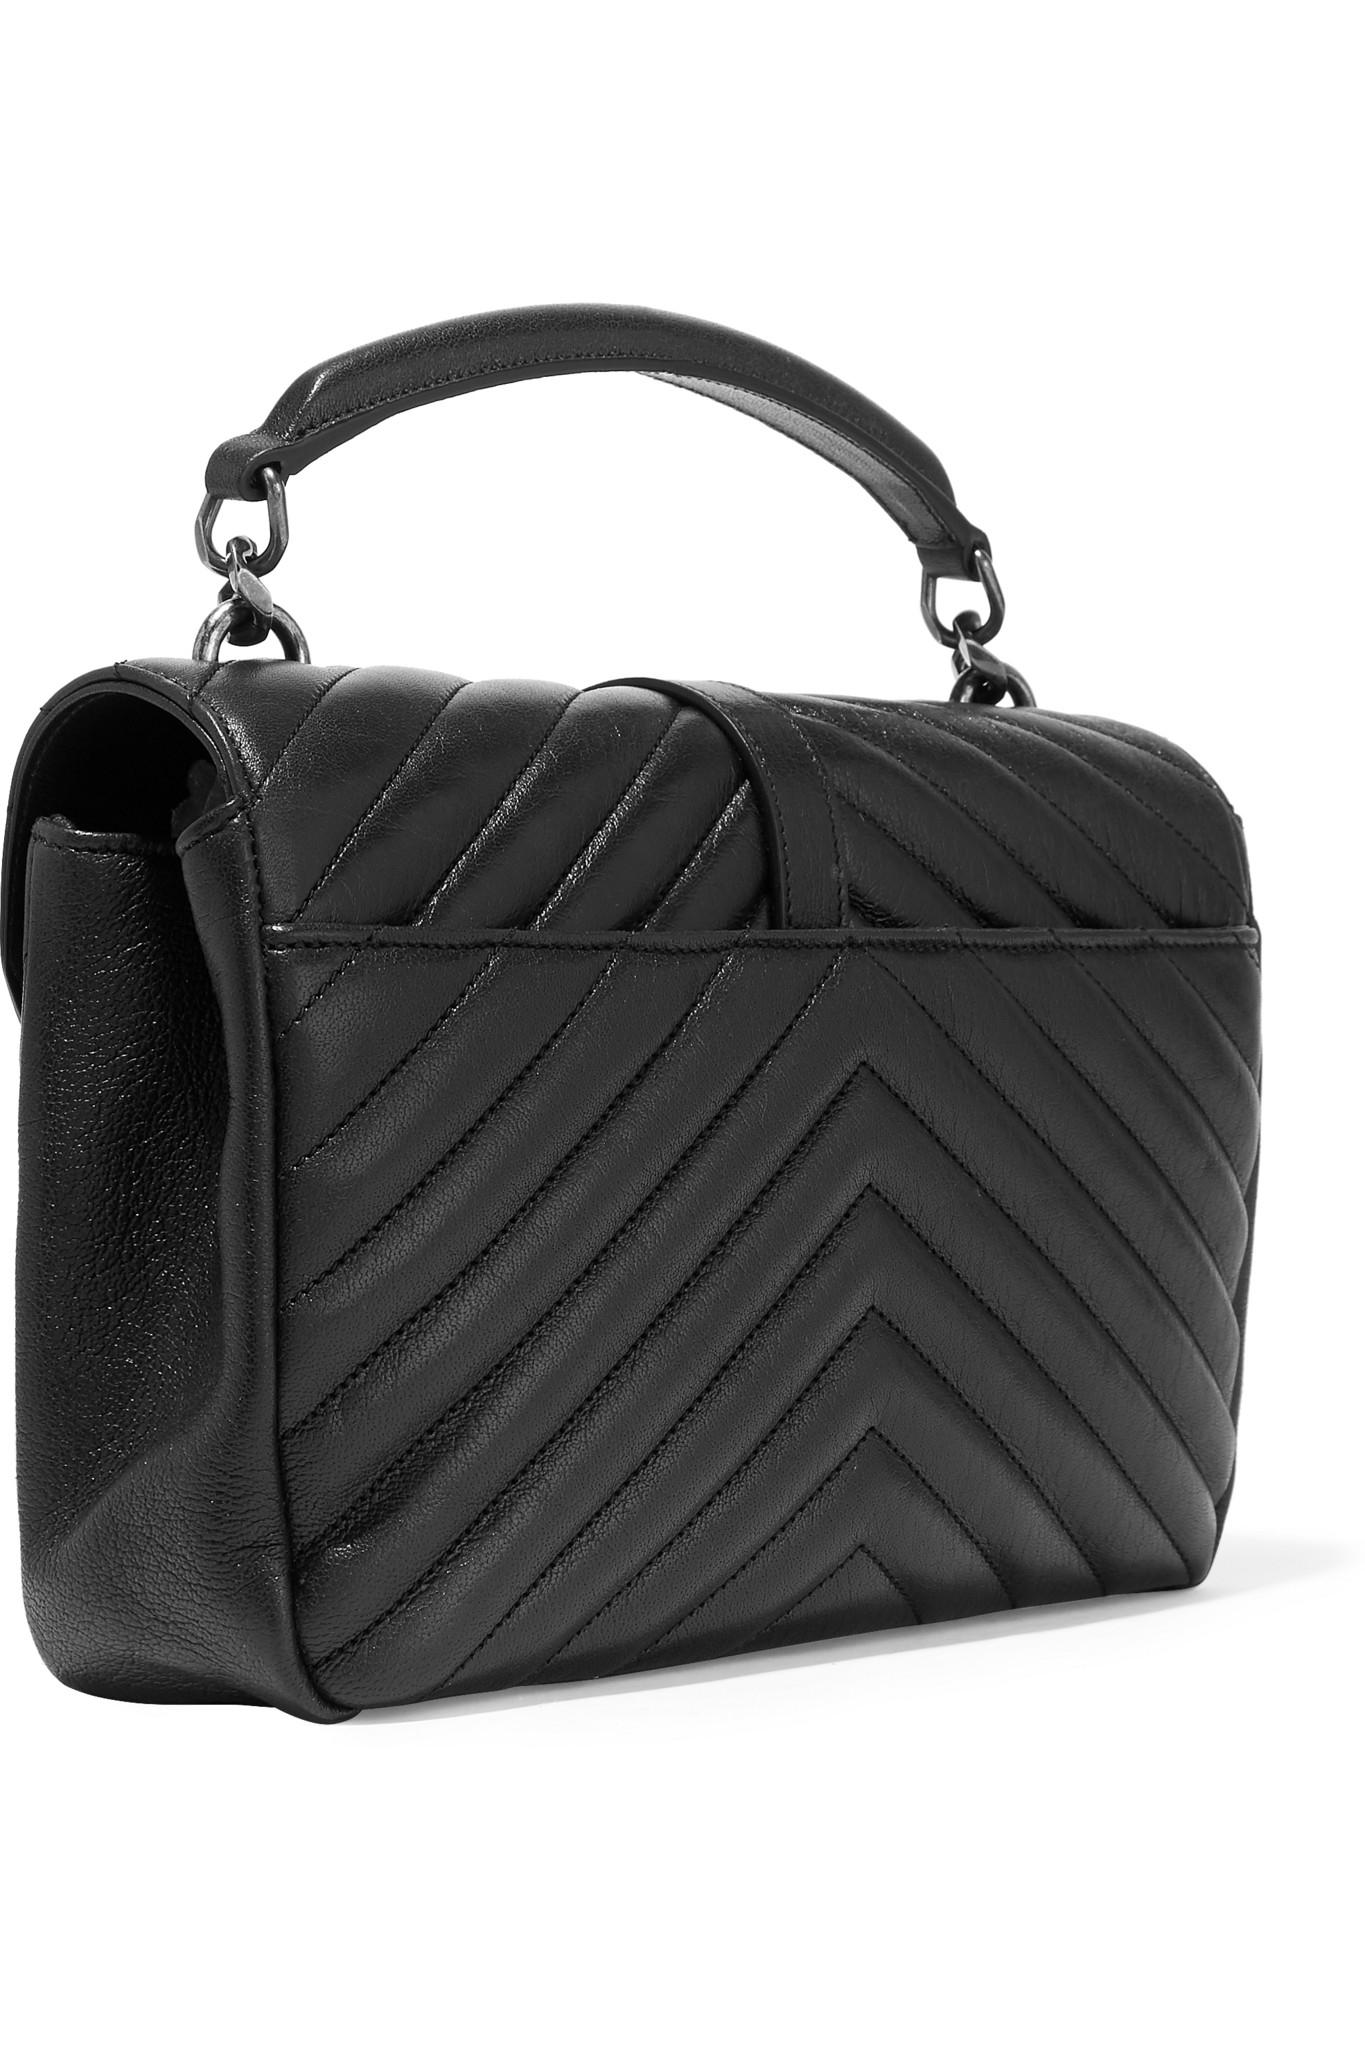 Saint Laurent Monogramme College Medium Quilted Leather